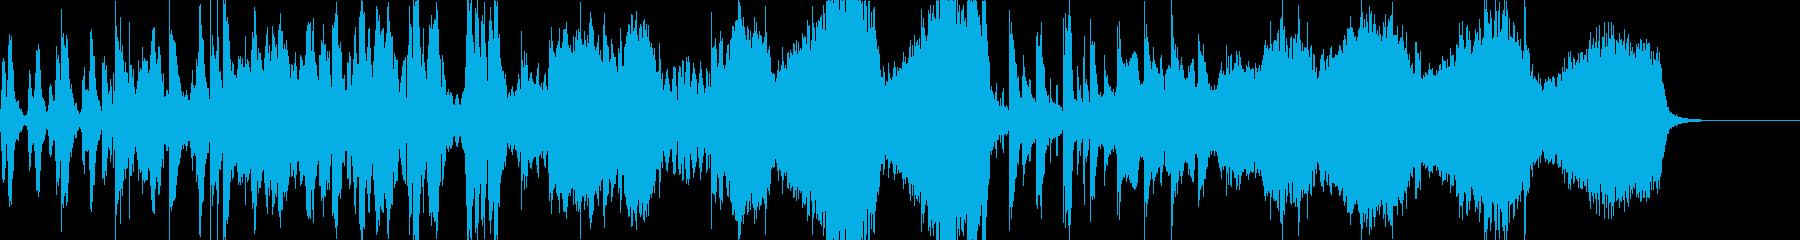 和楽器 オーケストラ 弦楽器 管楽器の再生済みの波形